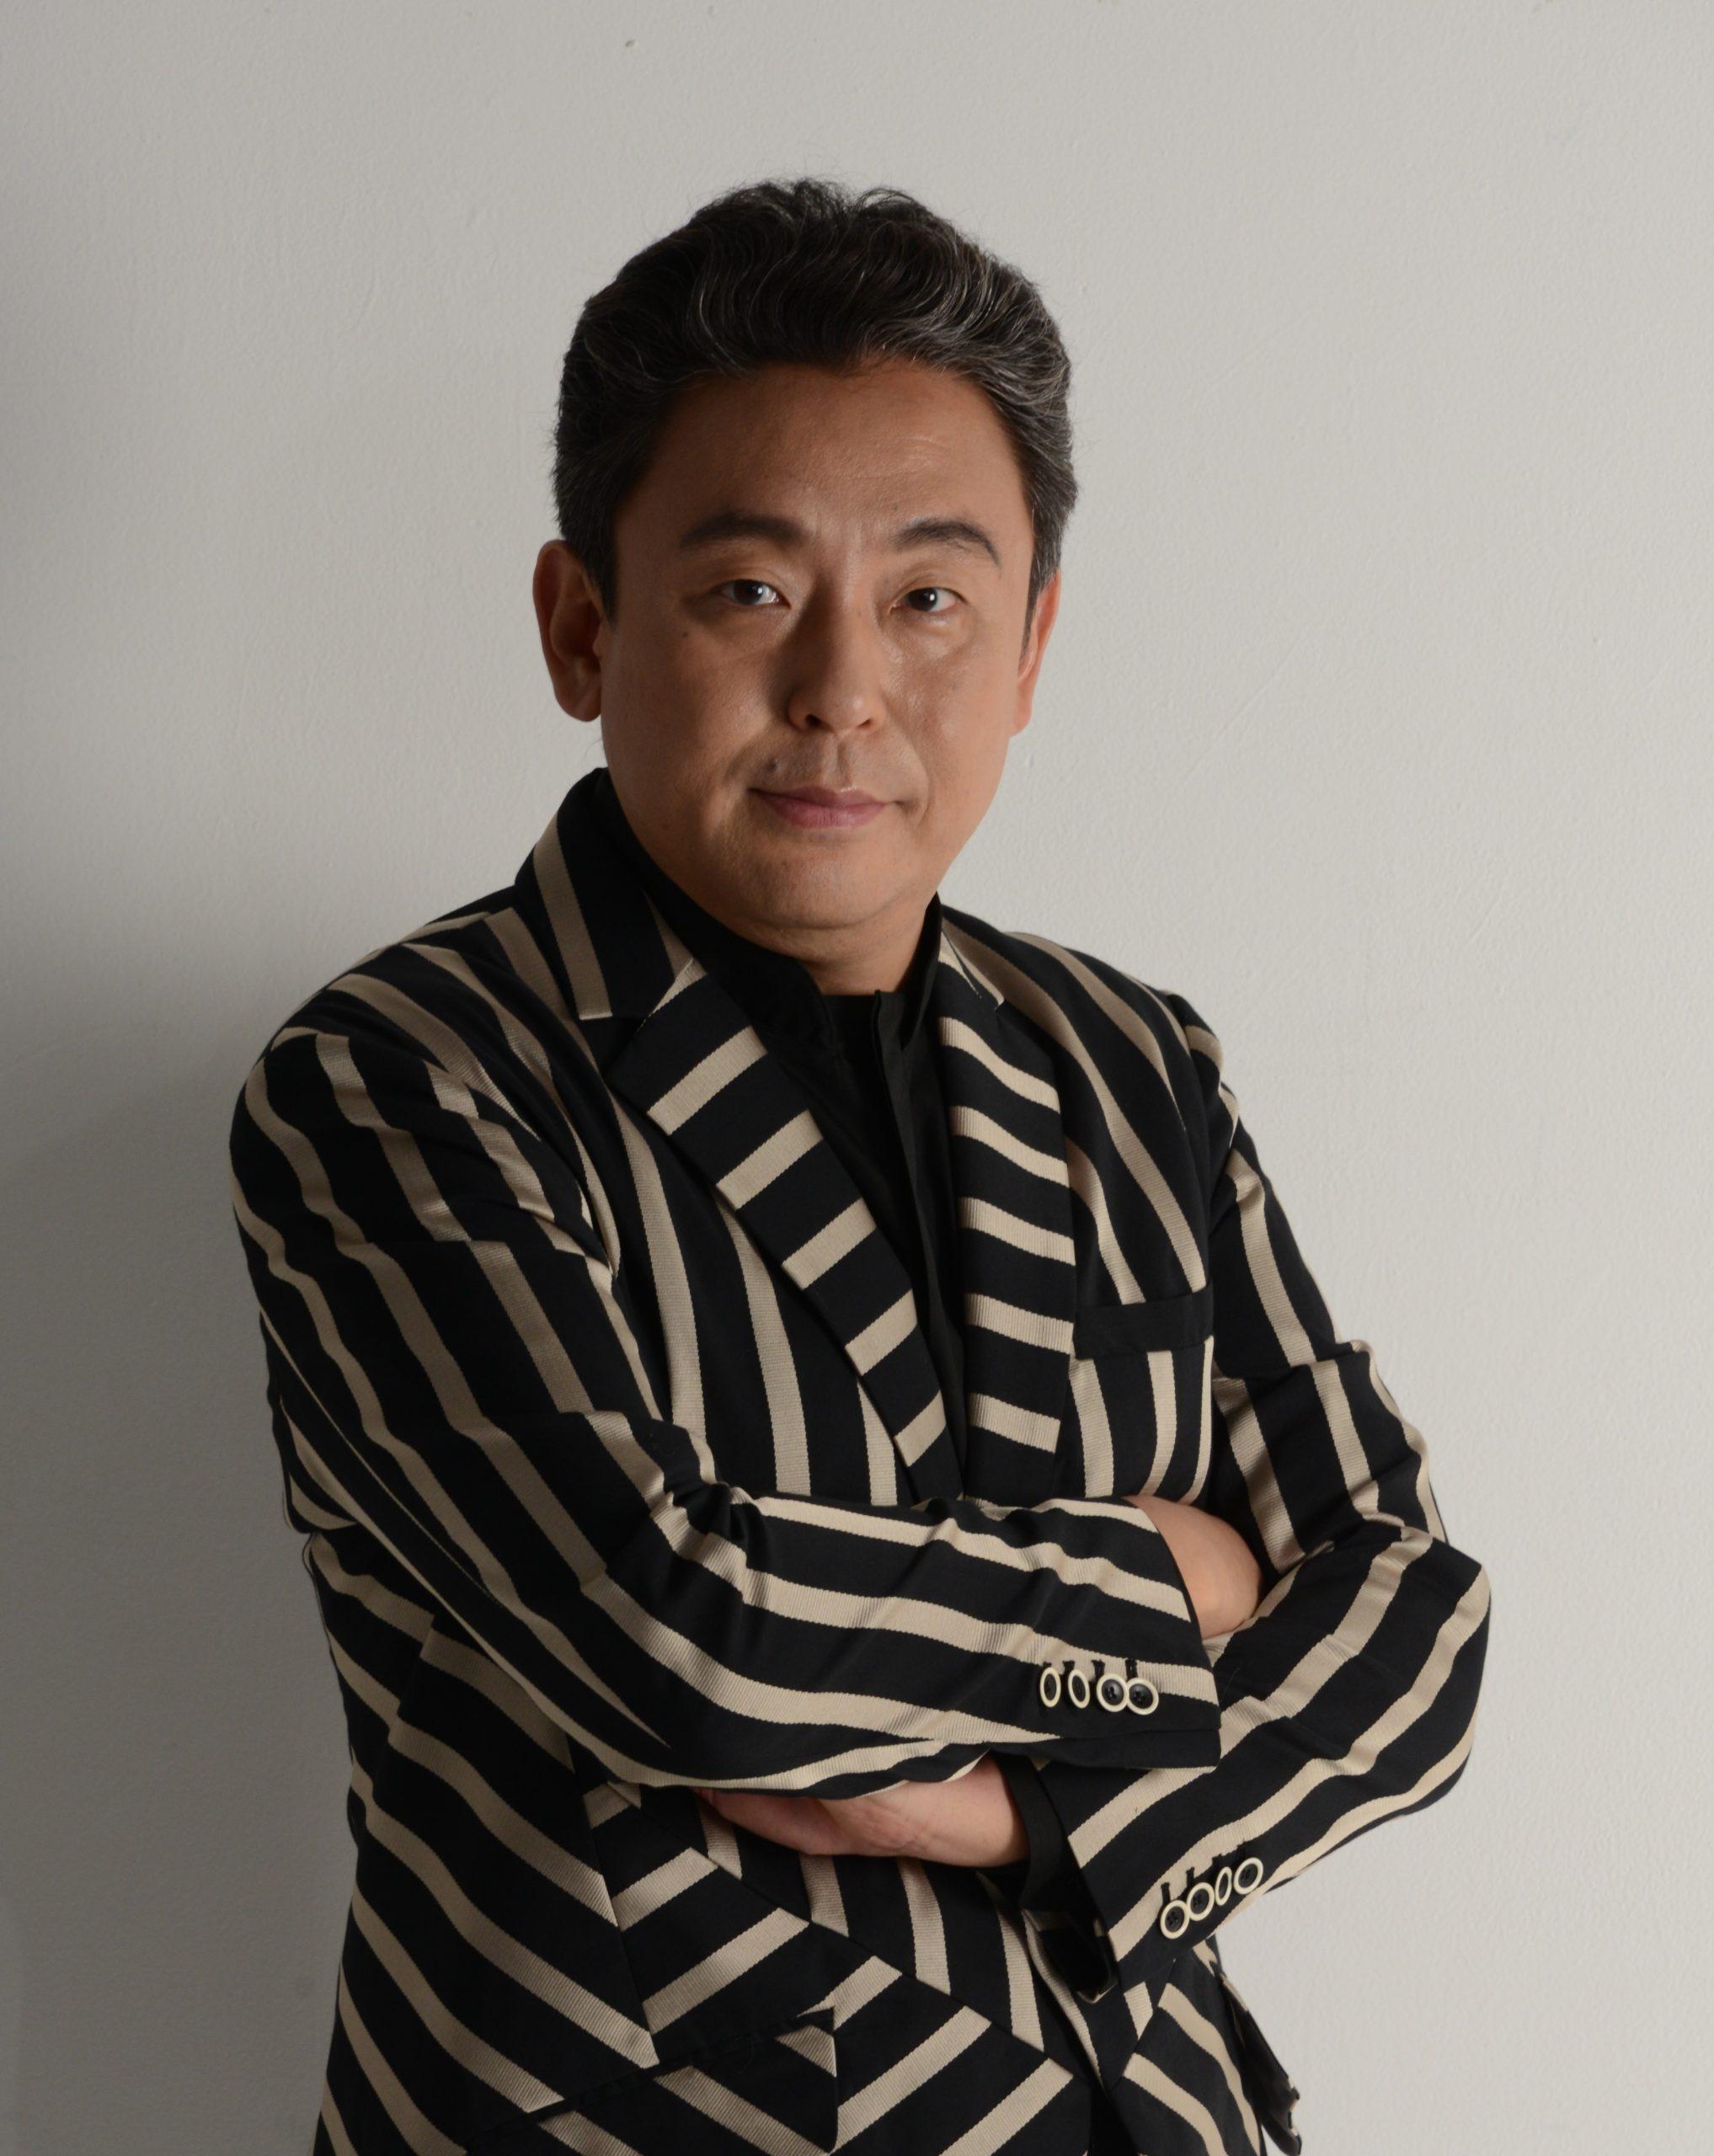 横山幸雄ピアノリサイタル ※台風10号の影響により、2月7日に延期になりました。詳しくは主催者にお問い合わせください。